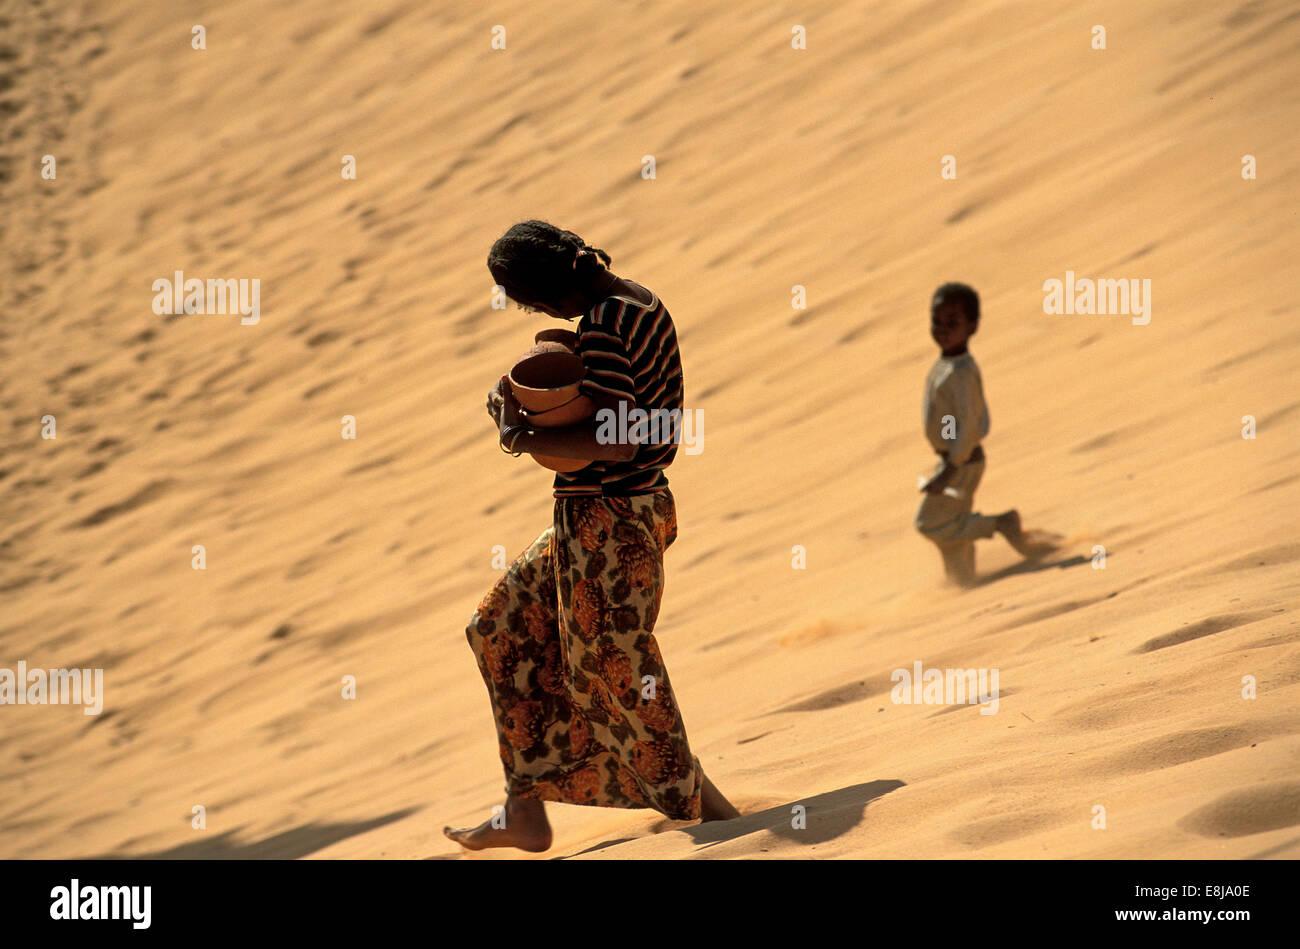 Tuareg population of Timimoun in Algeria. - Stock Image